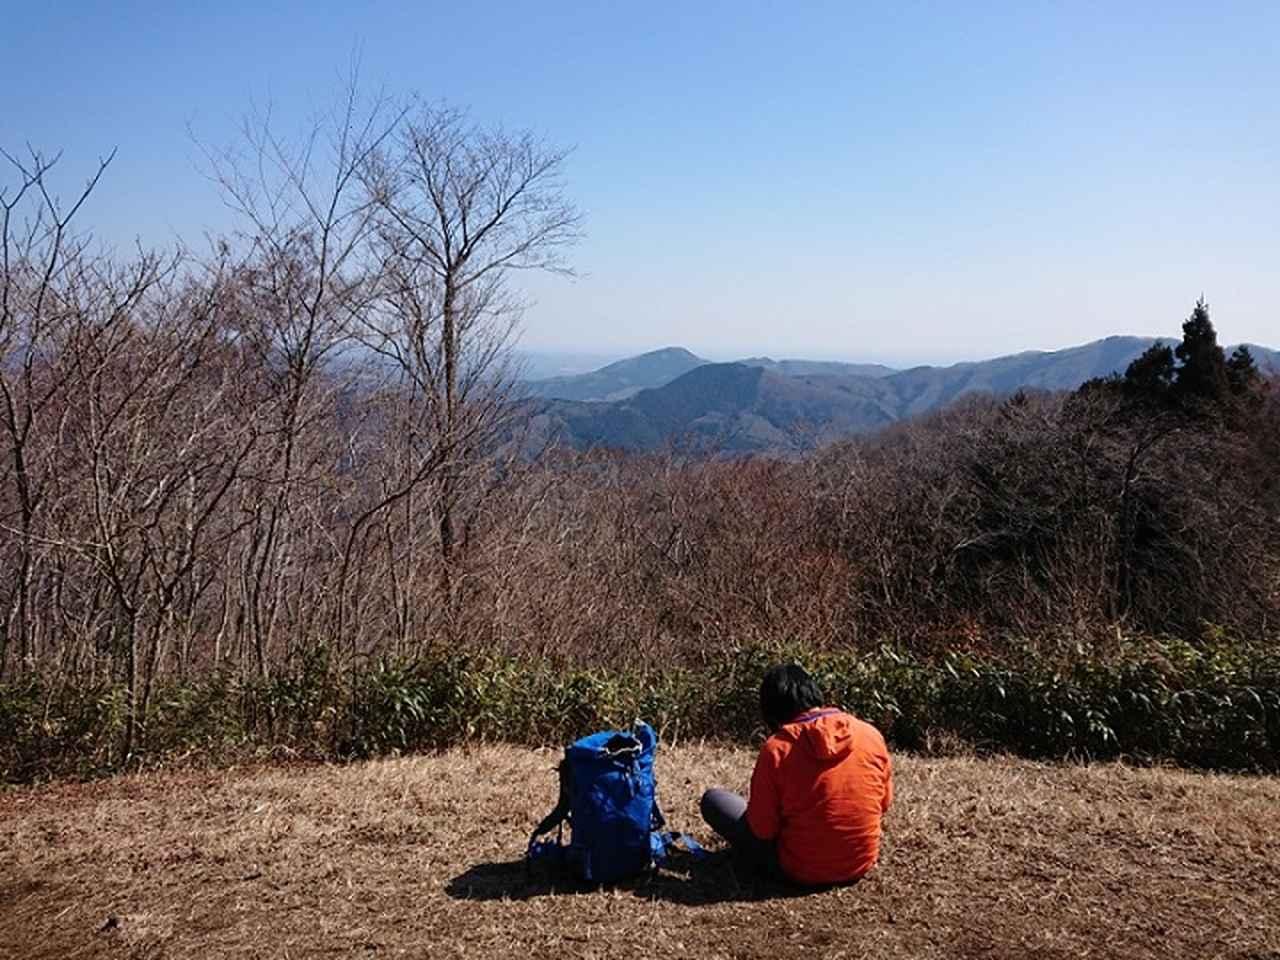 画像6: 3月2日に佐藤優ガイドの「ごちそう山」シリーズで、 雨巻山 へピザを食べに行って来ました♪